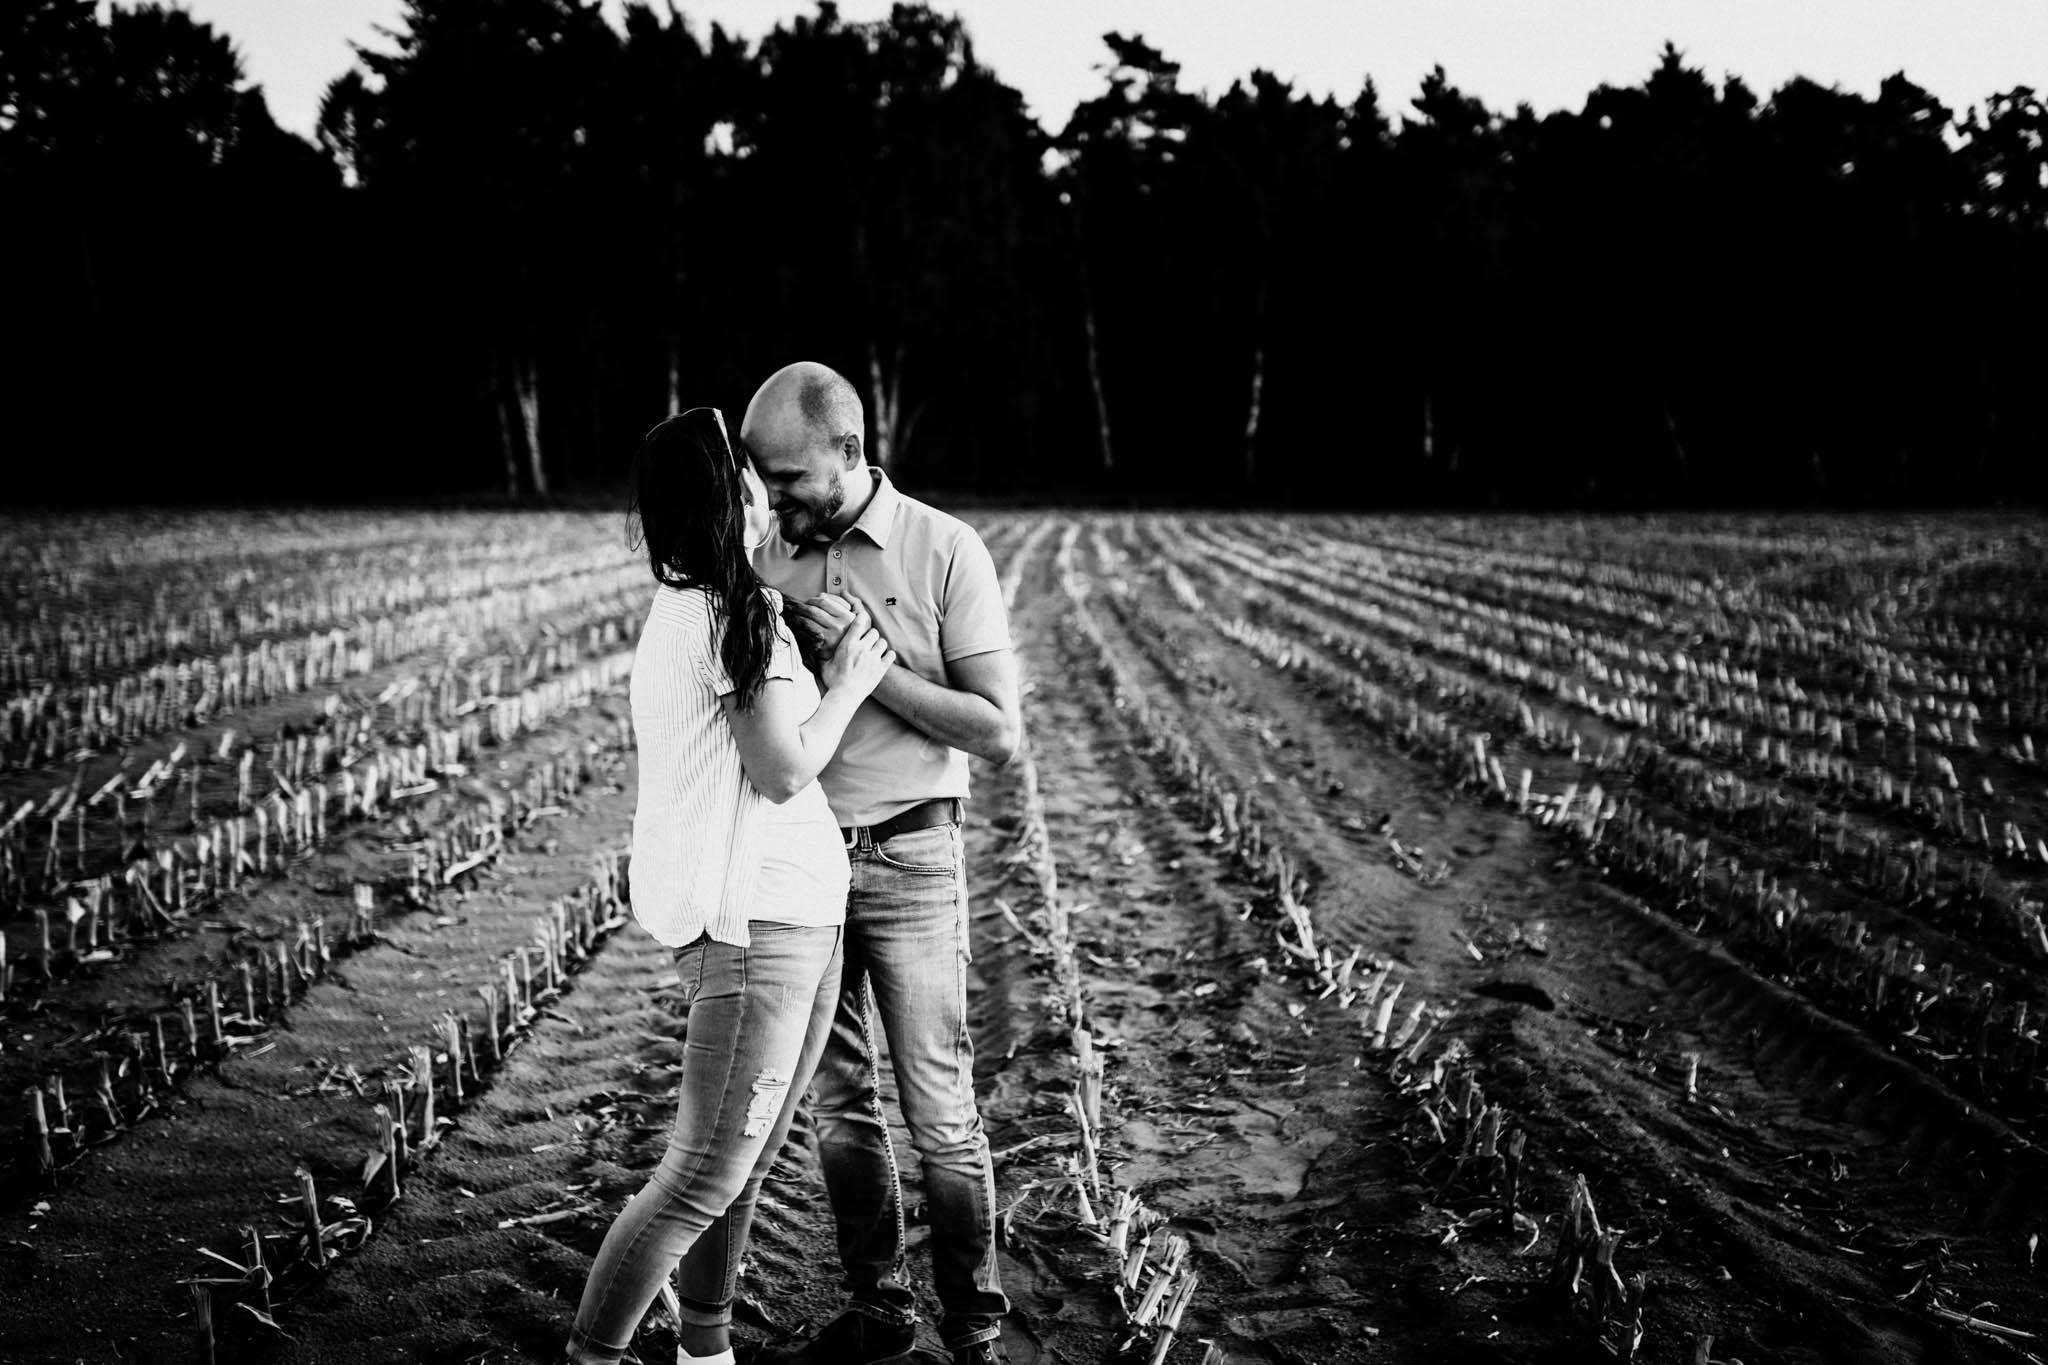 Engagementshoot Hochzeitsfieber by Photo-Schomburg, coupleshoot, paarshooting, zarrentin, wedding2018,wedding, hochzeitsfotograf, hamburg, braut, bräutigam, hochzeitstag-4